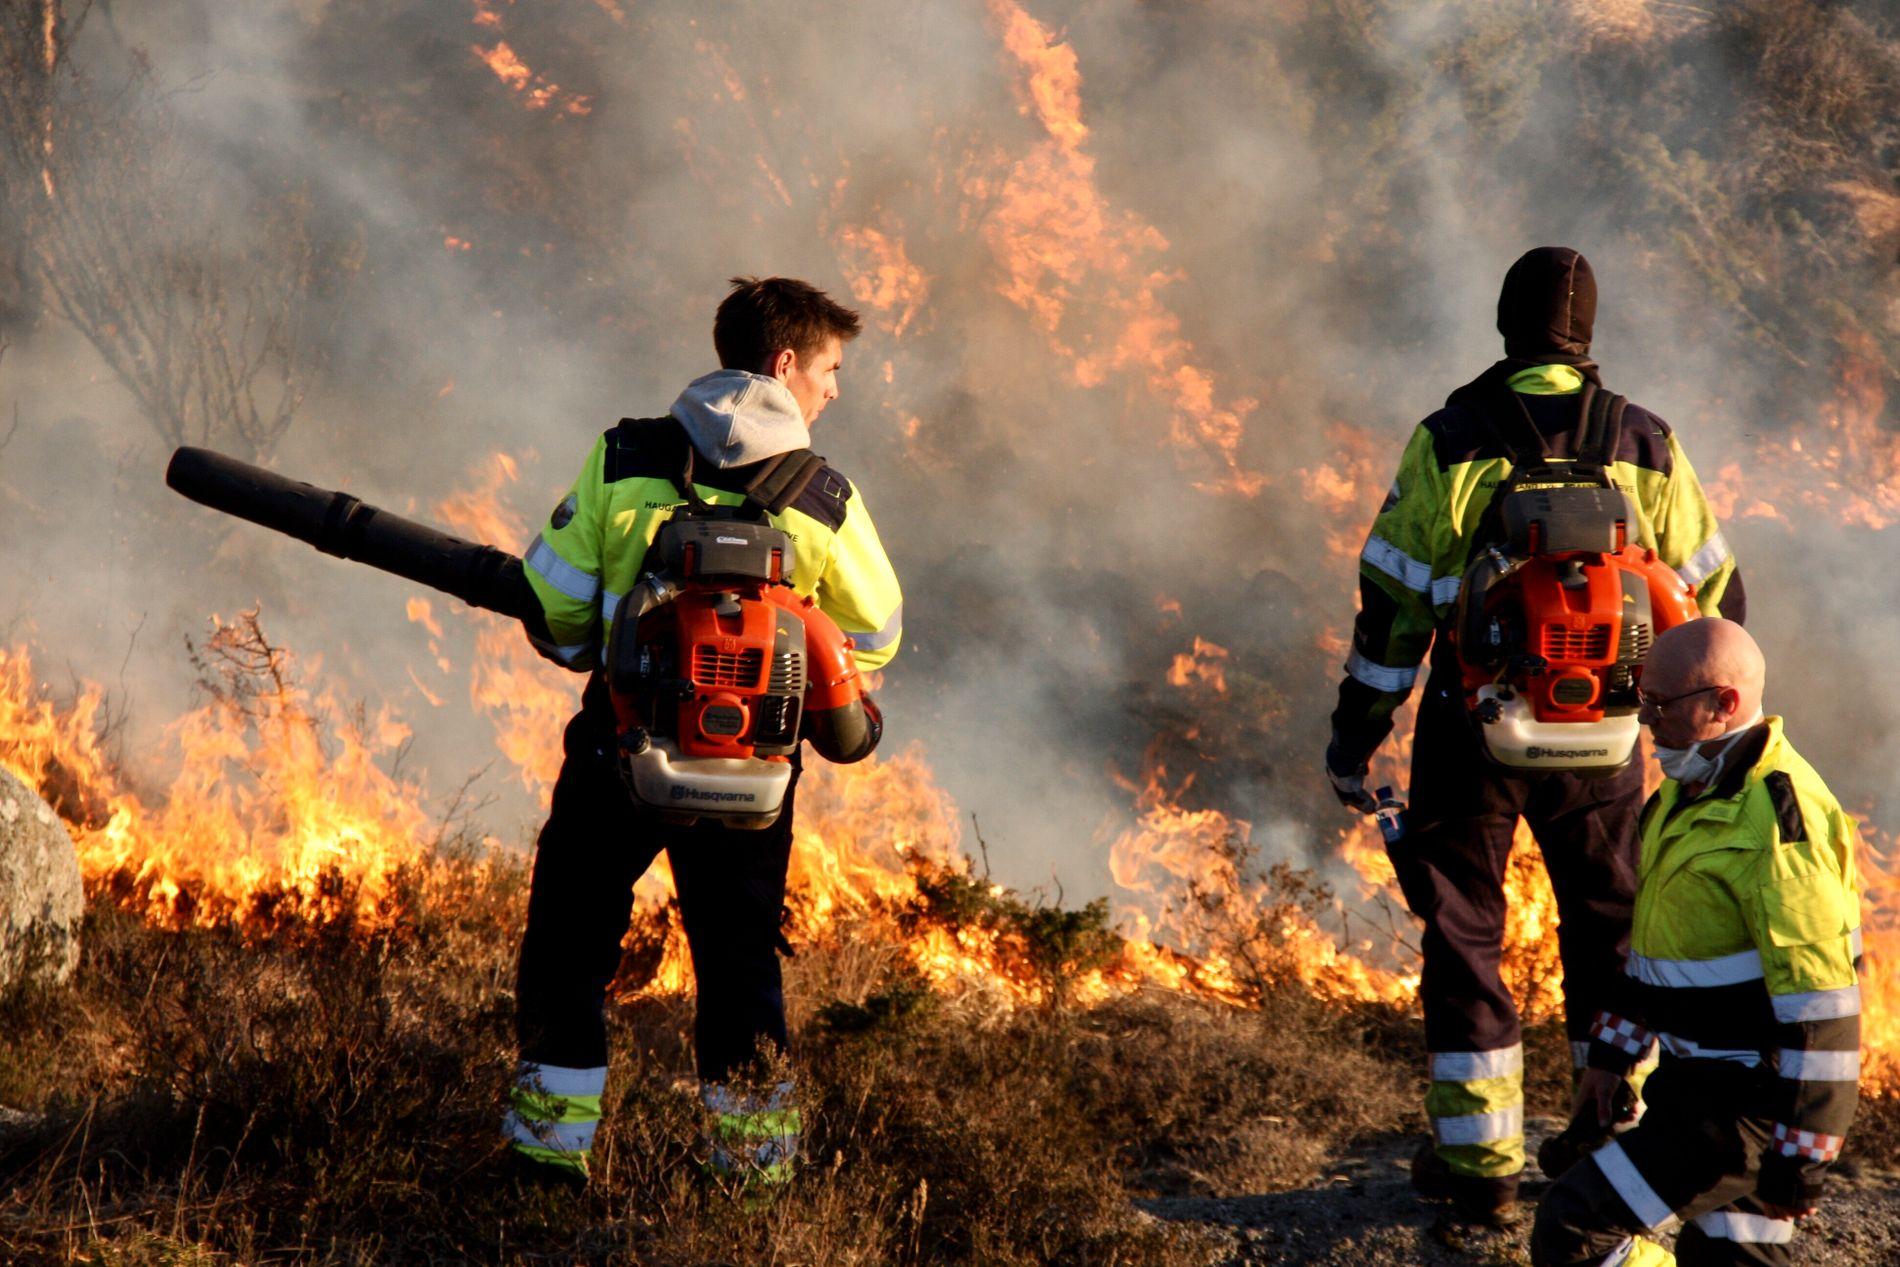 SLUKKET SØNDAG: Gressbrann i Tysvær lørdag kveld. Brannen ble slukket søndag formiddag.